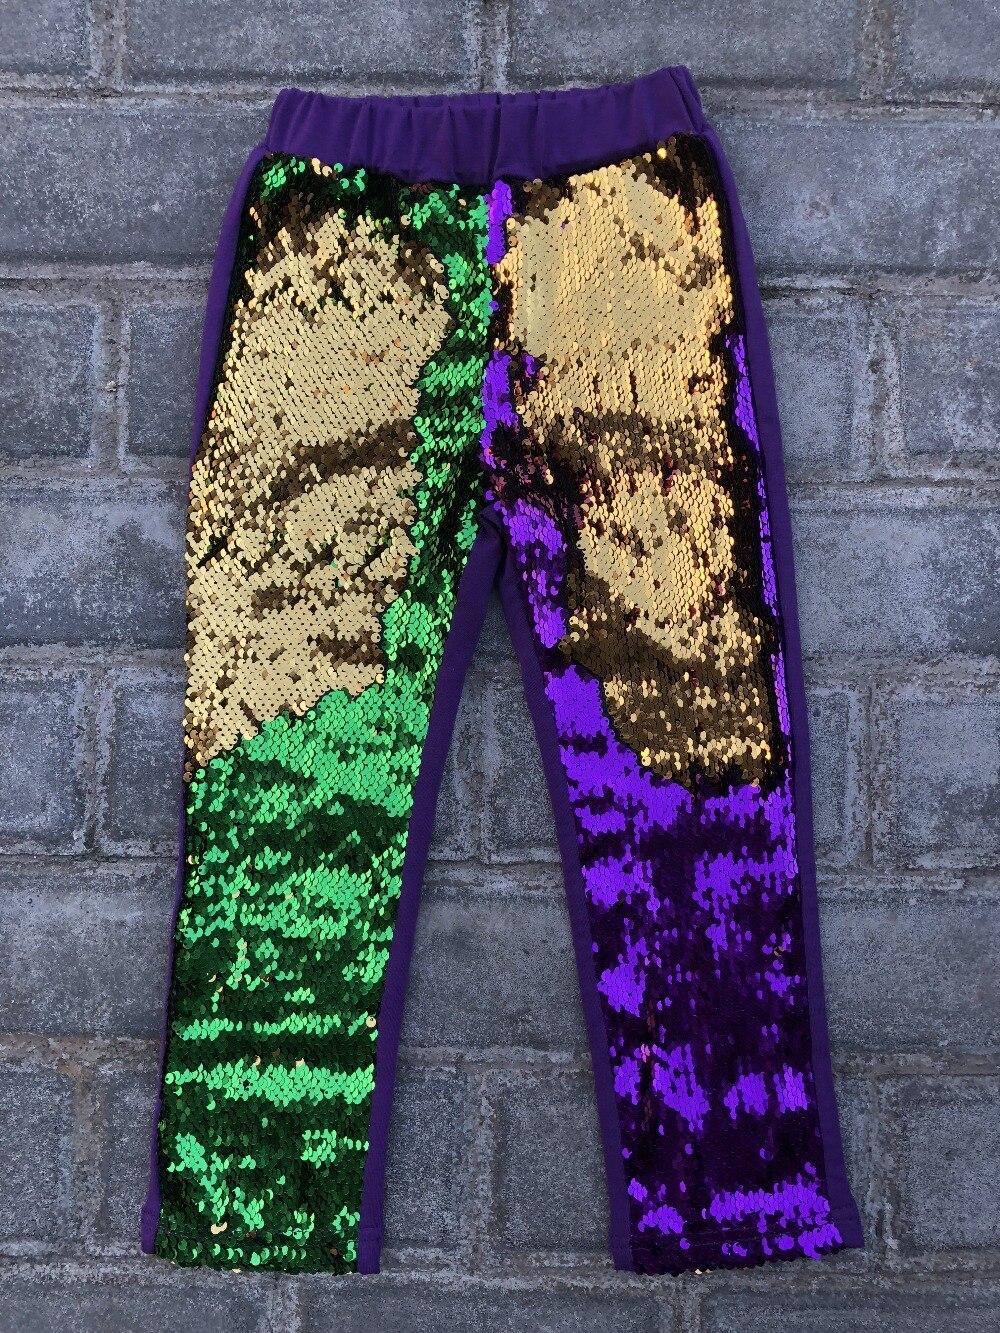 Mardi gras Reversible pailletten leggings hosen Mode Bling glänzende Mädchen leggings lila gold grün Hosen kinder legging mädchen hosen